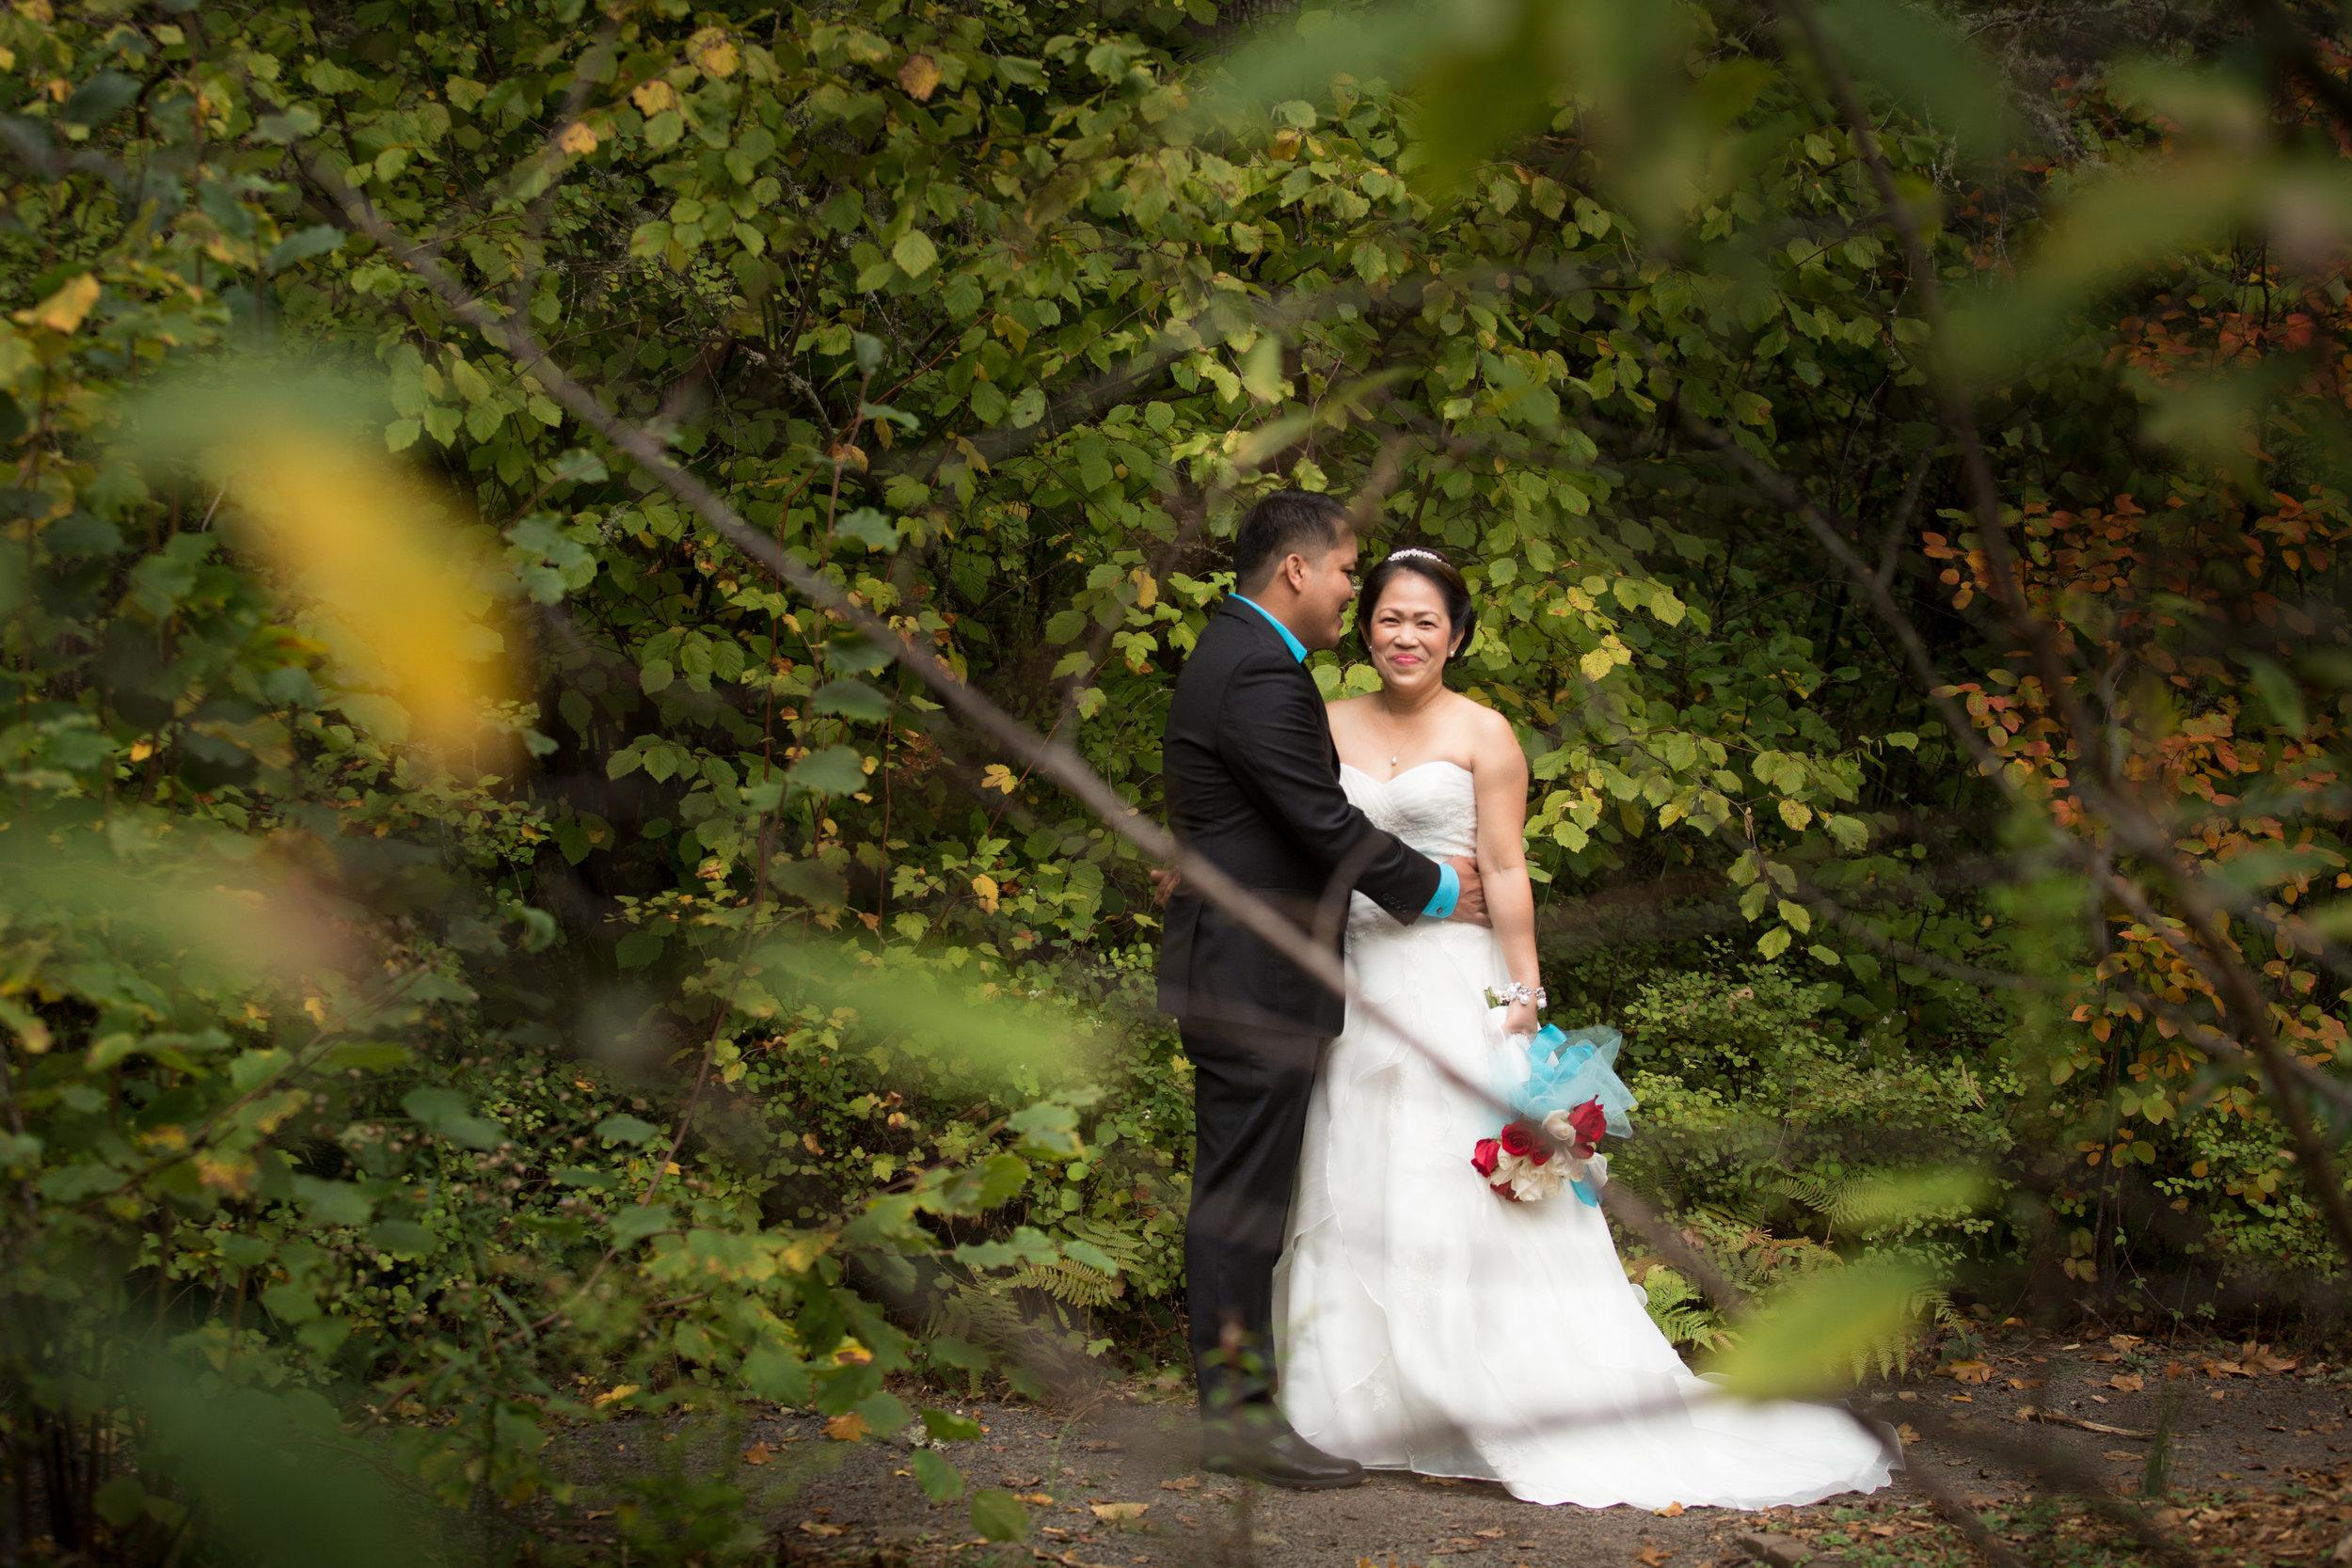 wedding_2015-10-17-54.jpg